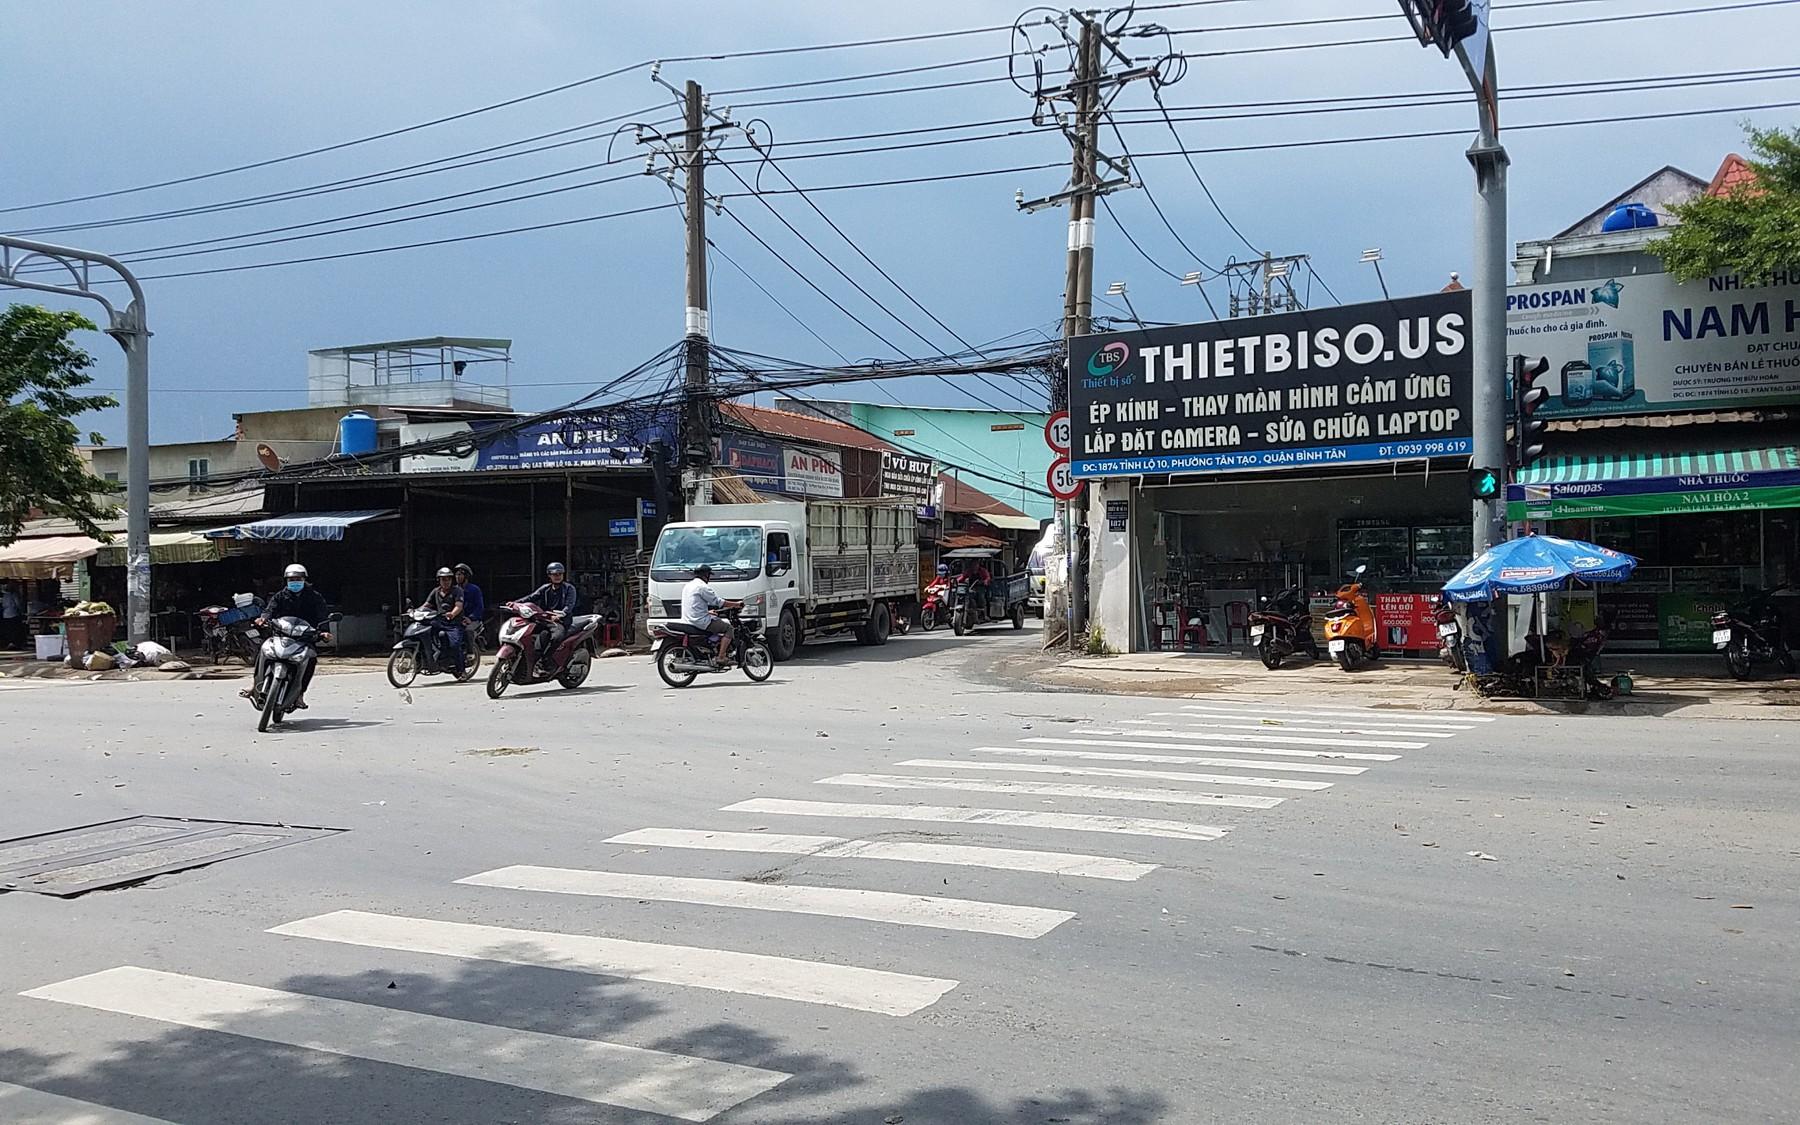 Hai tài xế đuổi chém nhau kinh hoàng vì tranh giành khách ở Sài Gòn